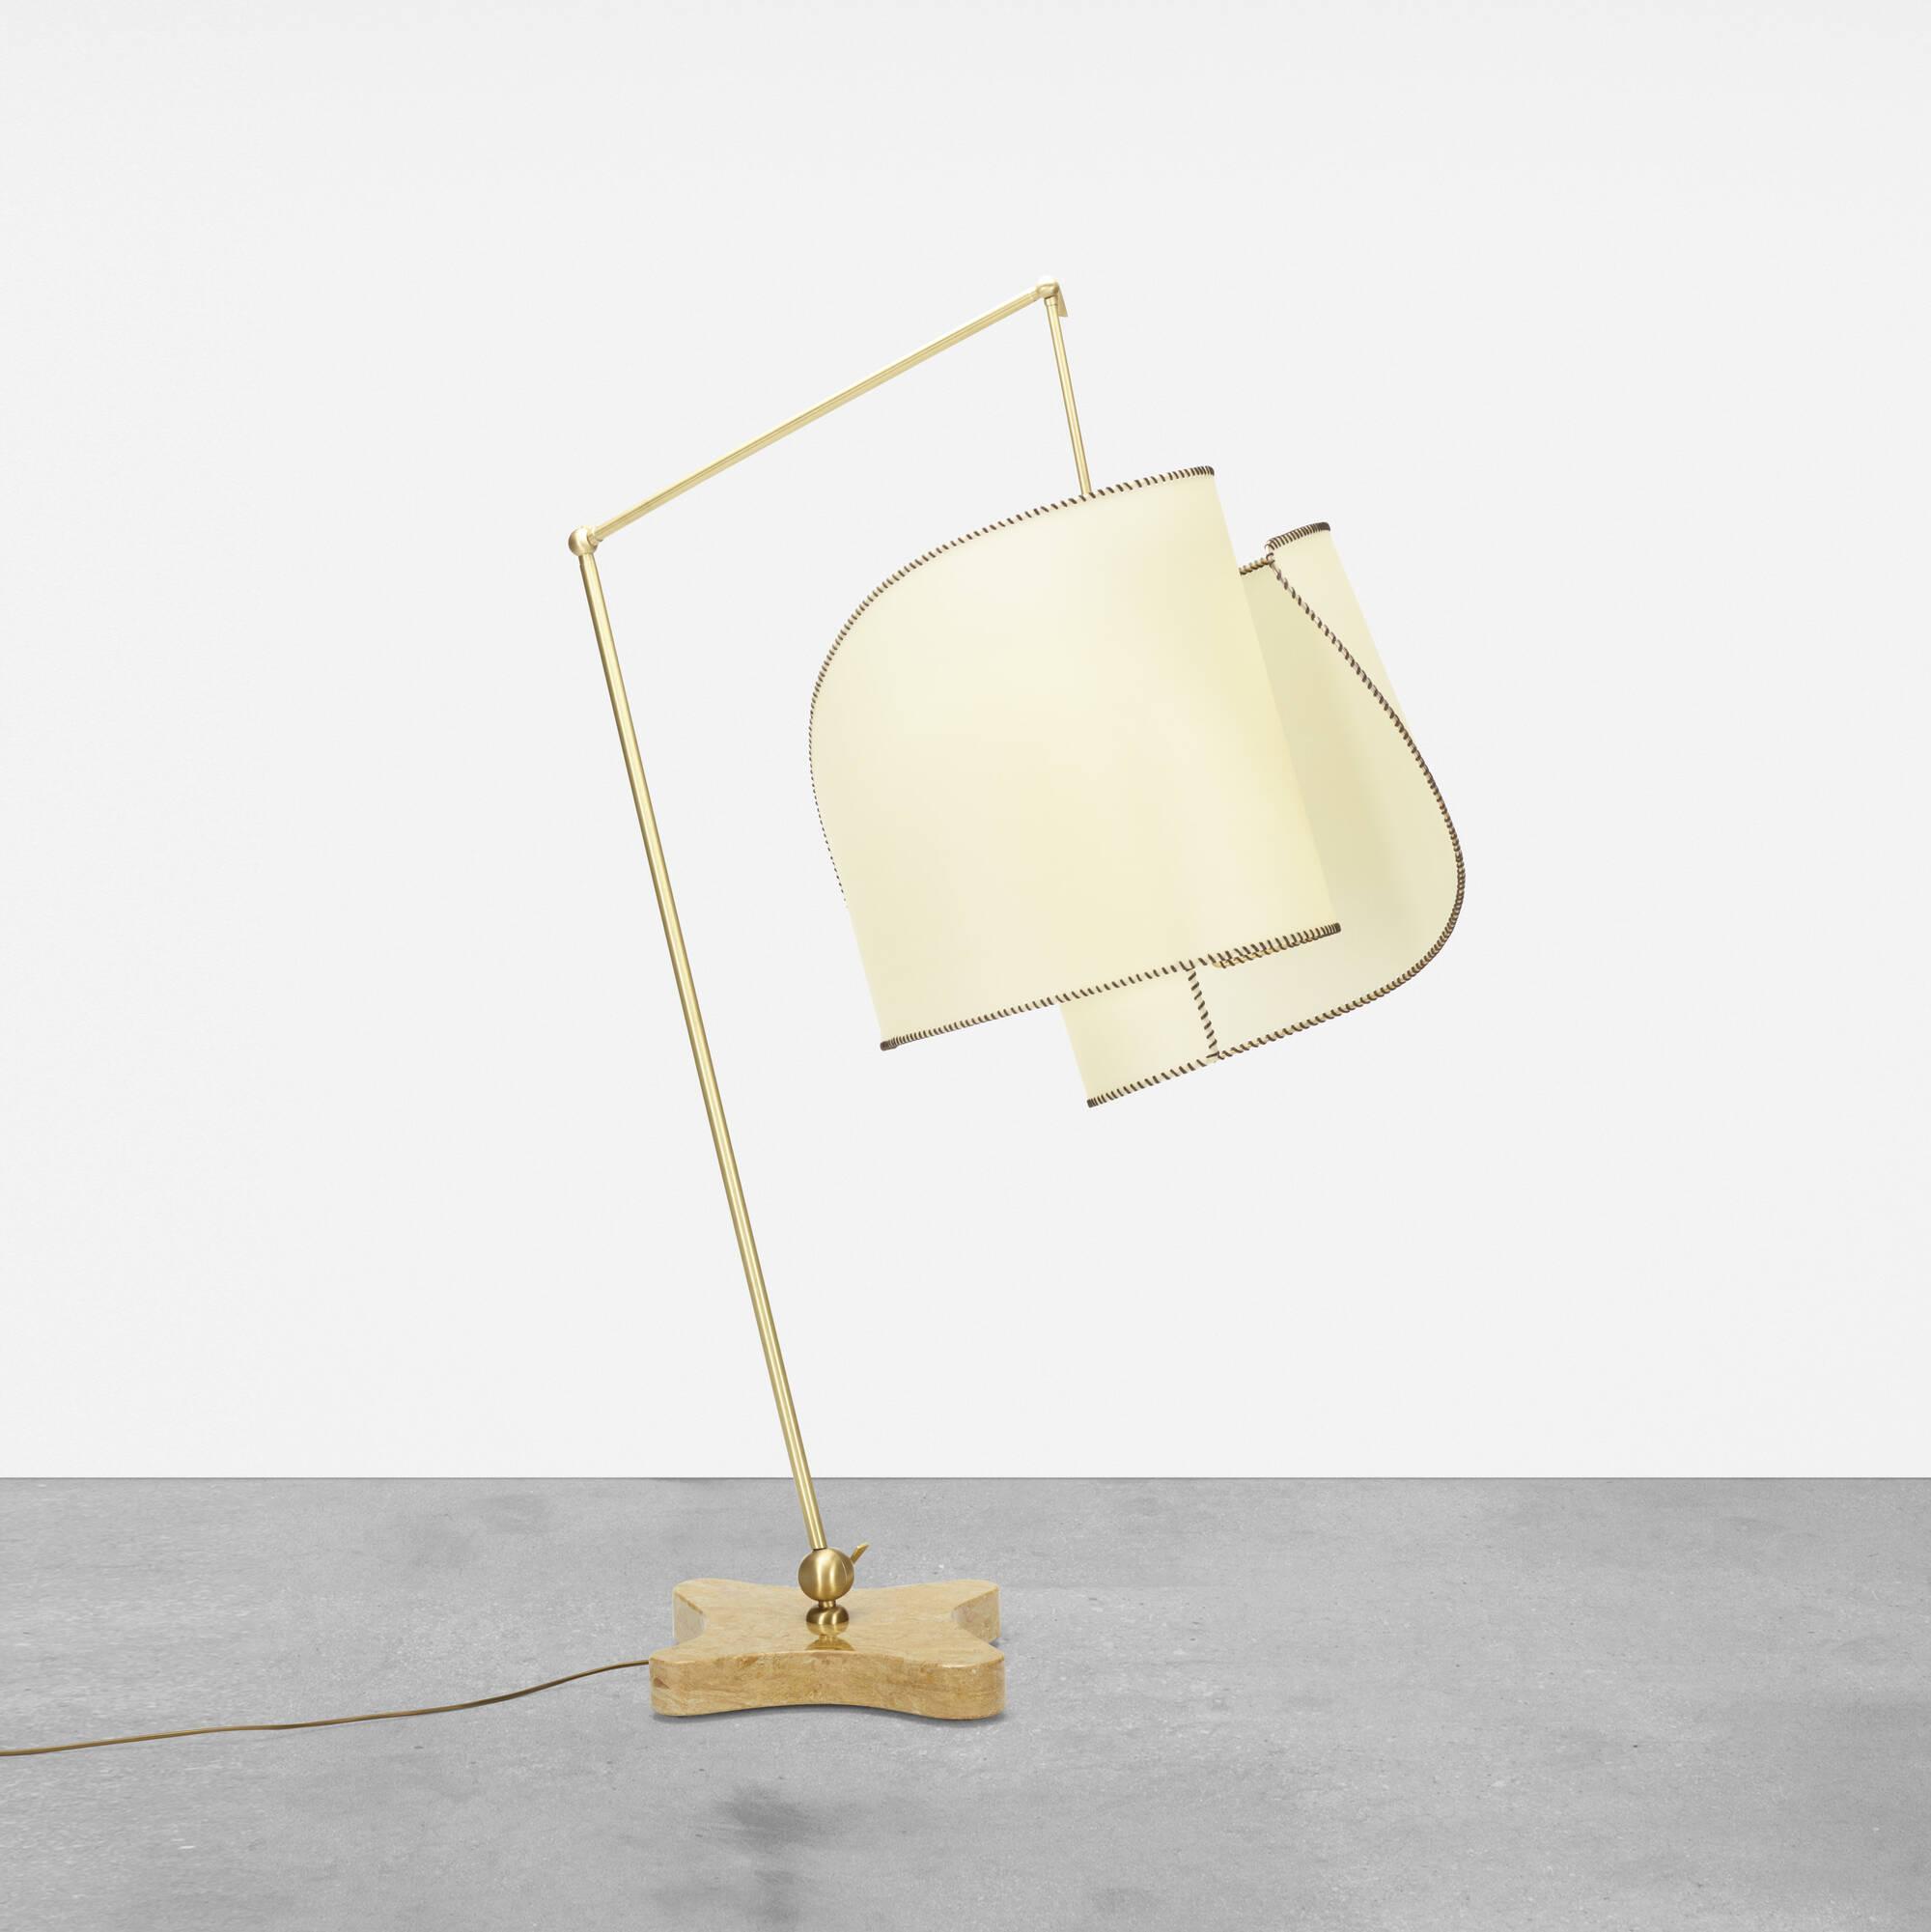 302 Carlo Mollino Suora Floor Lamp